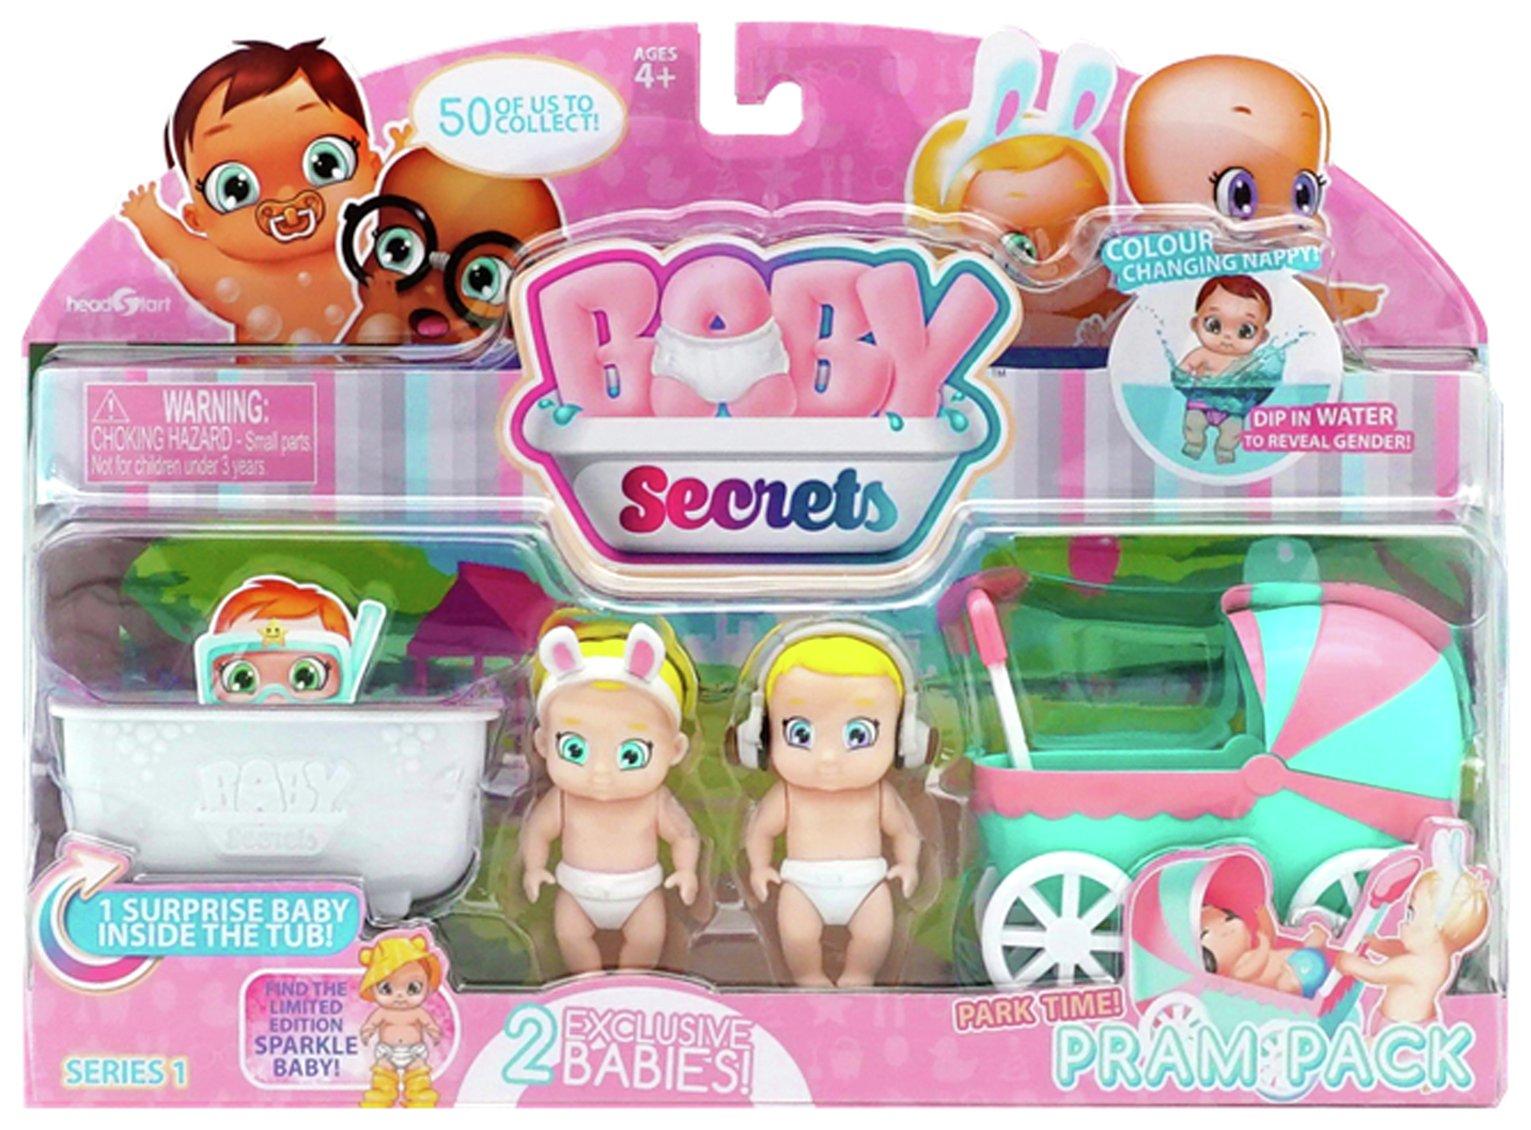 """Résultat de recherche d'images pour """"baby secret pram pack"""""""